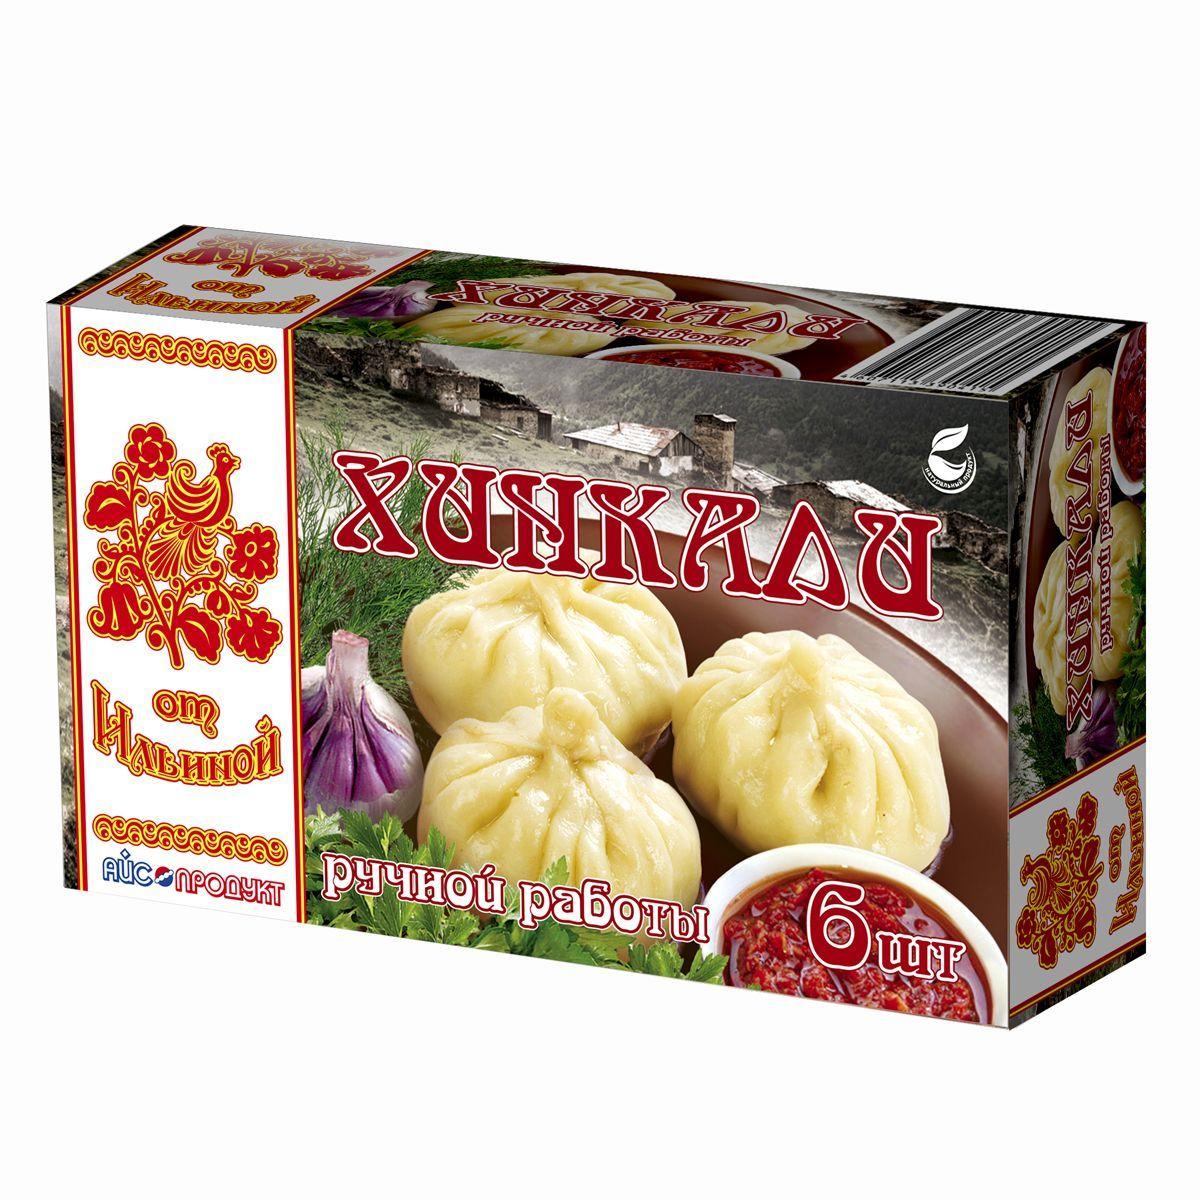 От Ильиной Хинкали ручной работы, 360 г726Сытные и сочные хинкали, с ароматным бульоном внутри - традиционное блюдо Кавказской кухни.